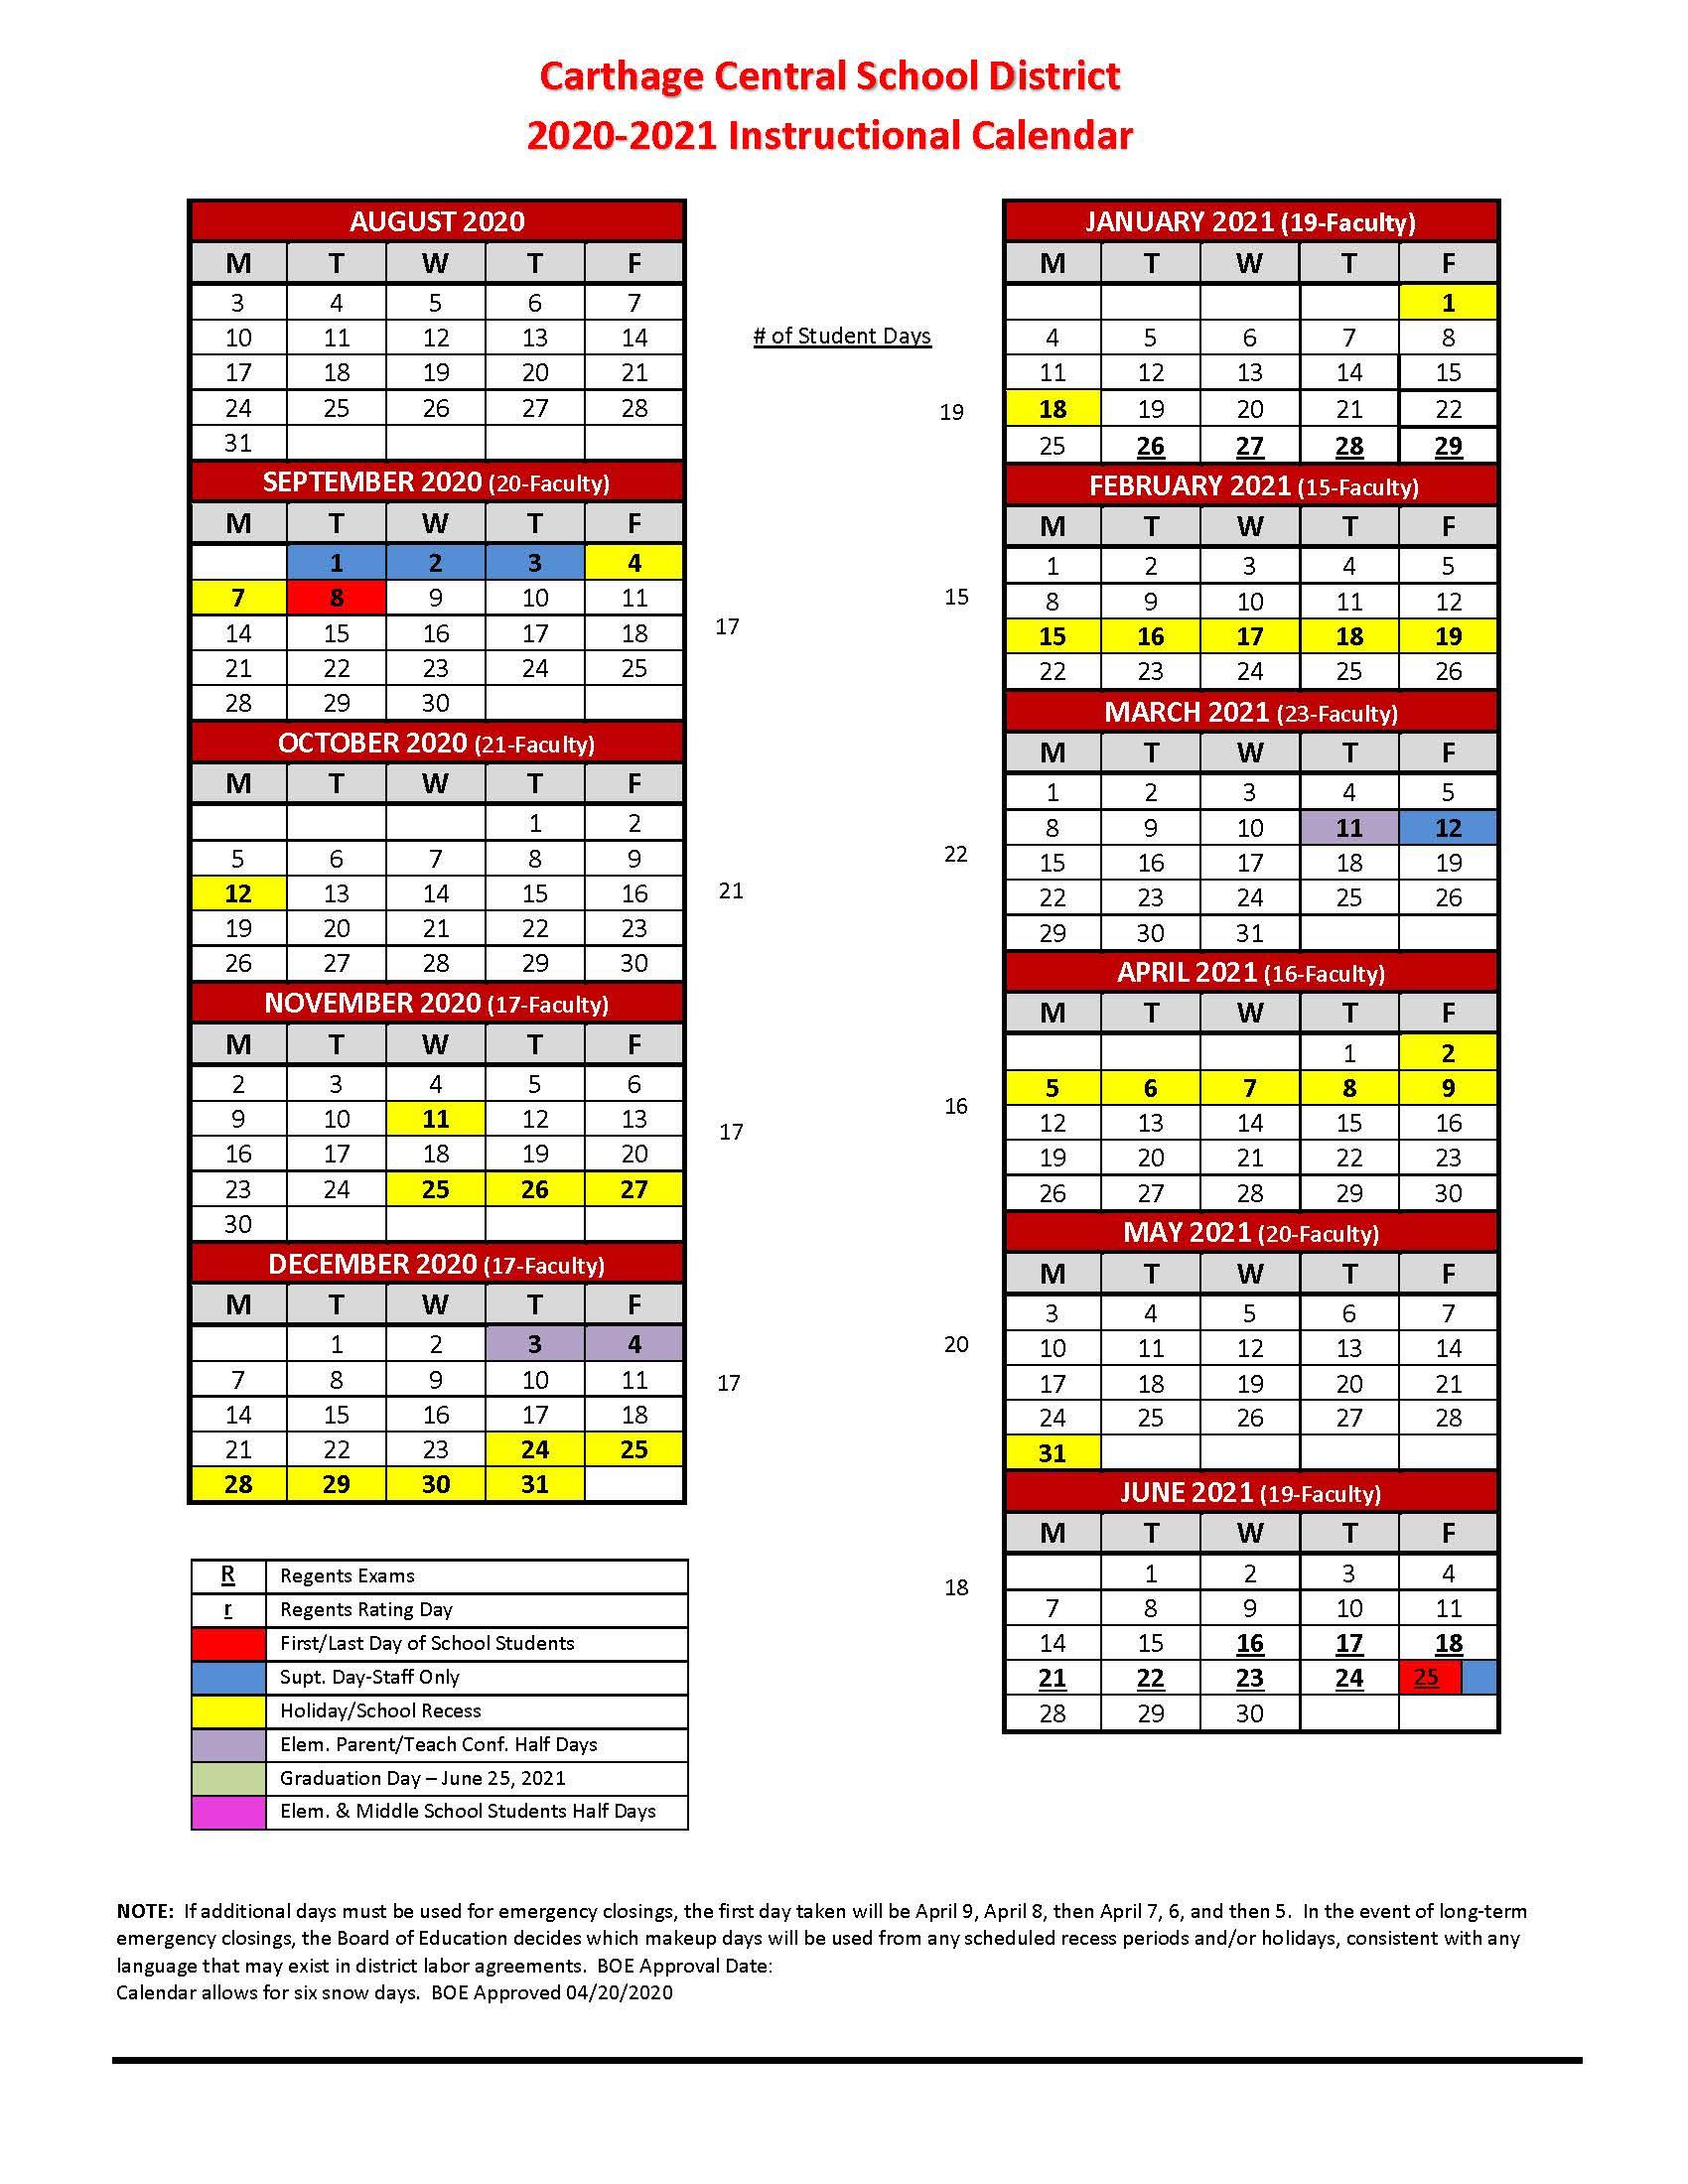 2020 2021 Instructional Calendar – Carthage Central School For Academic Calendar 2021 20 Chamberlain